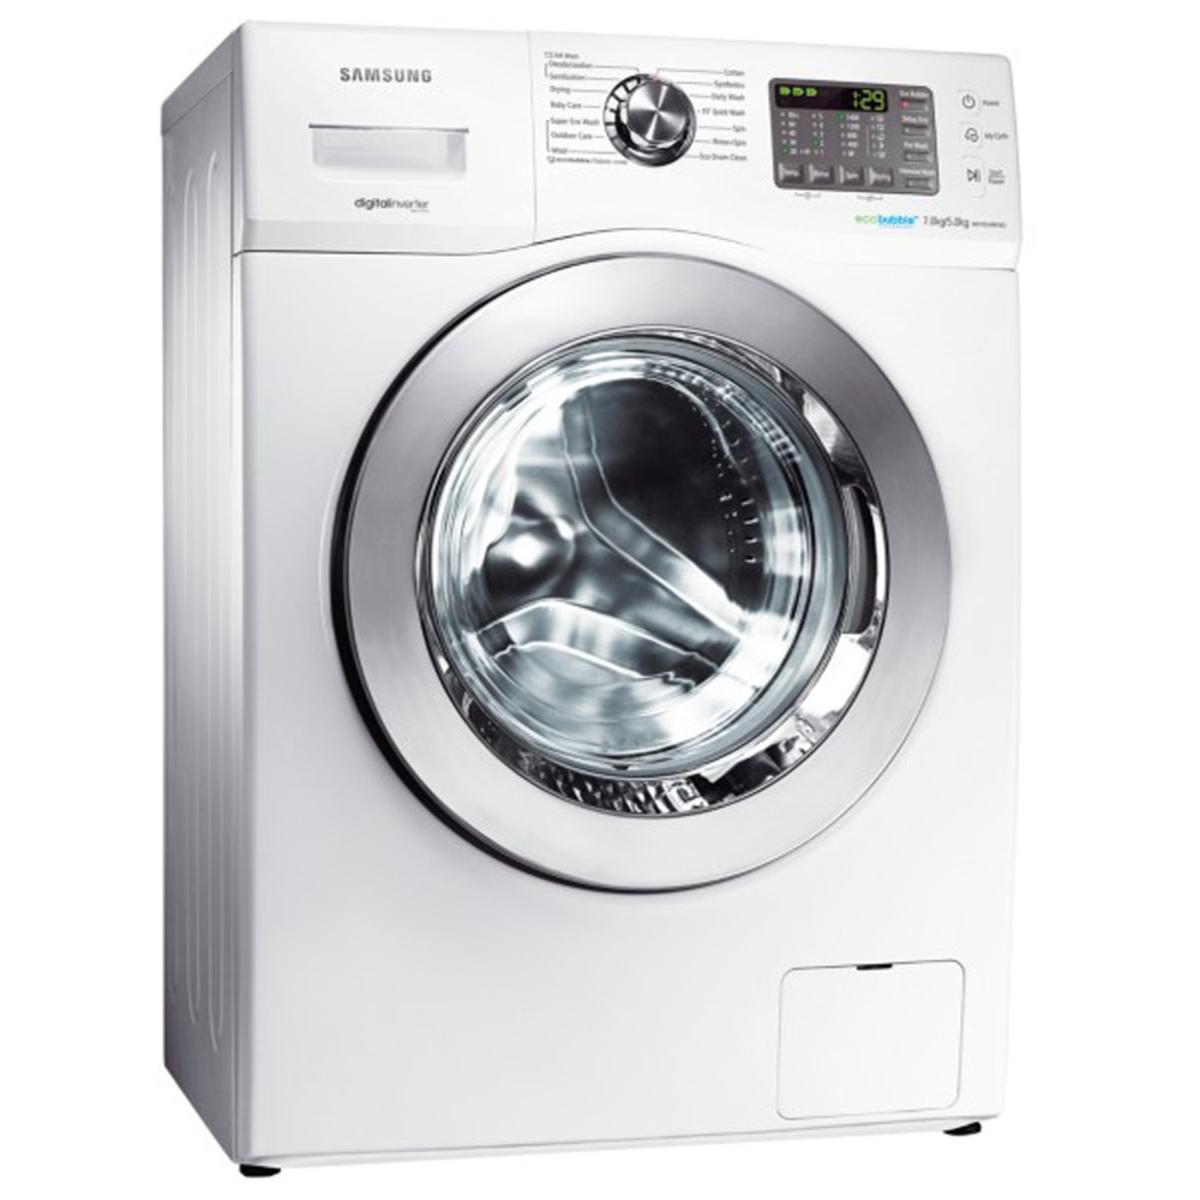 Buy Samsung Front Load Washer & Dryer WD702U4BKWQ 7Kg